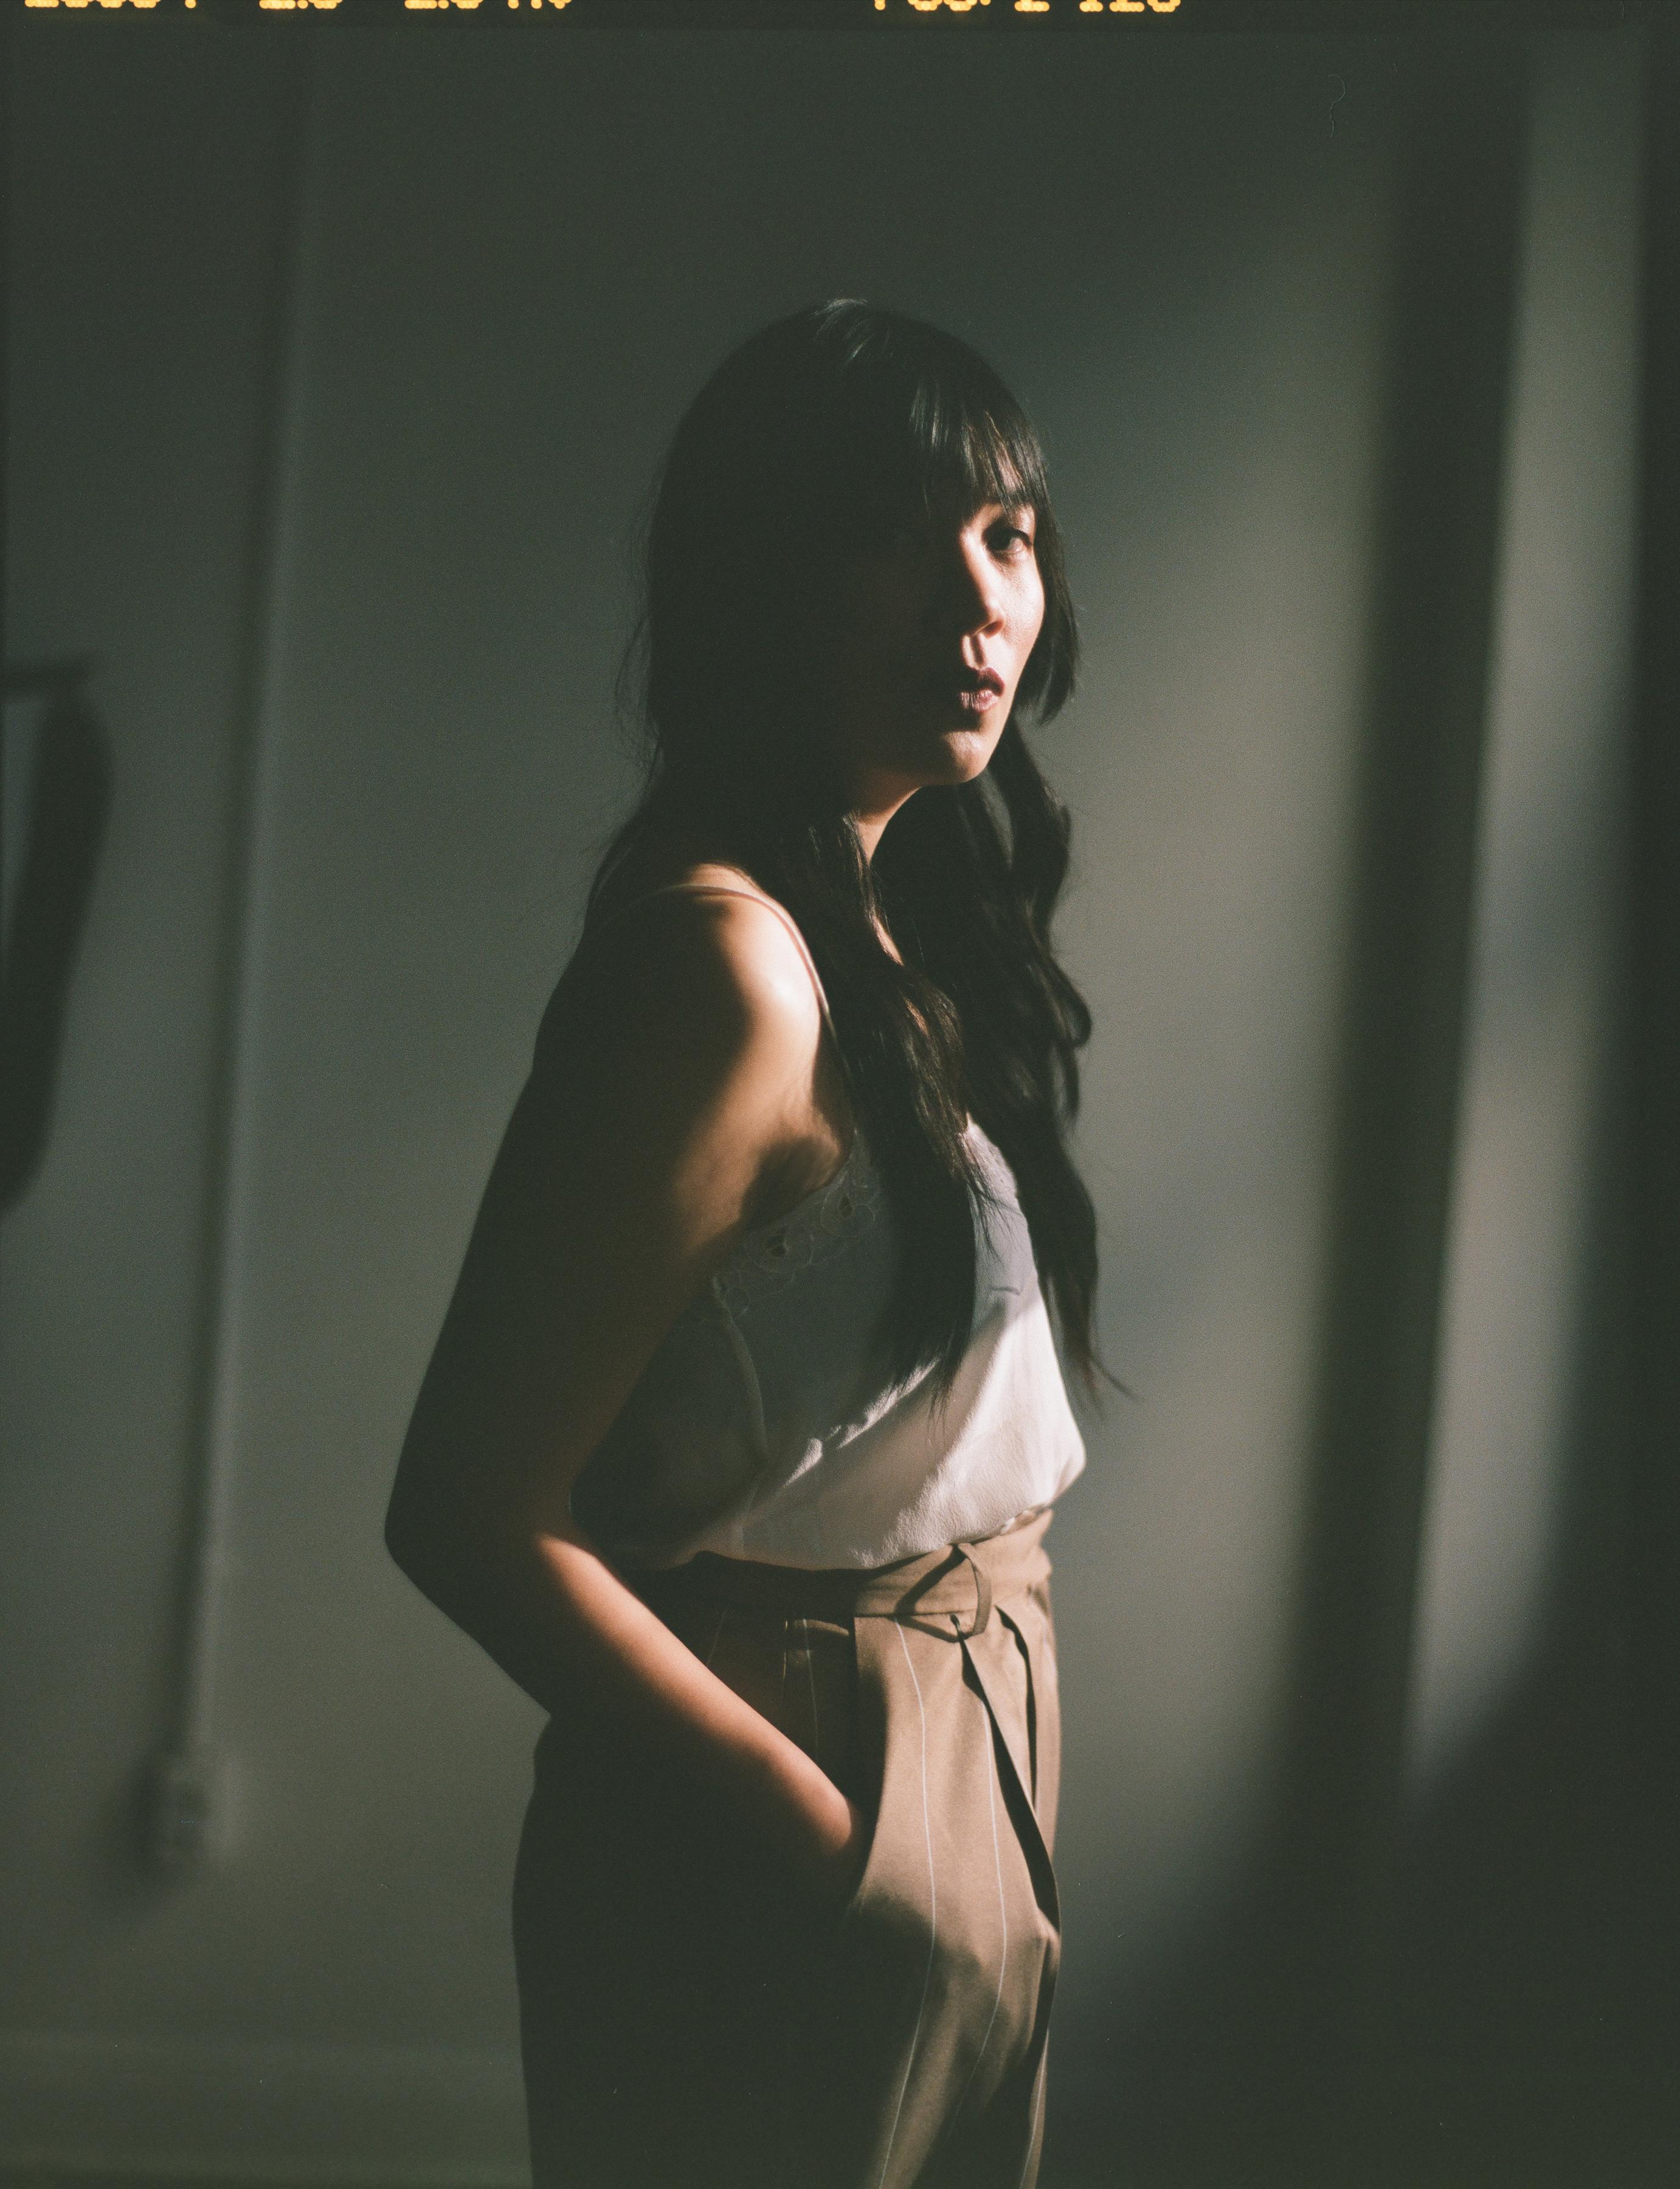 Thao & The Get Down Stay Down annonce la sortie de son cinquième album Temple